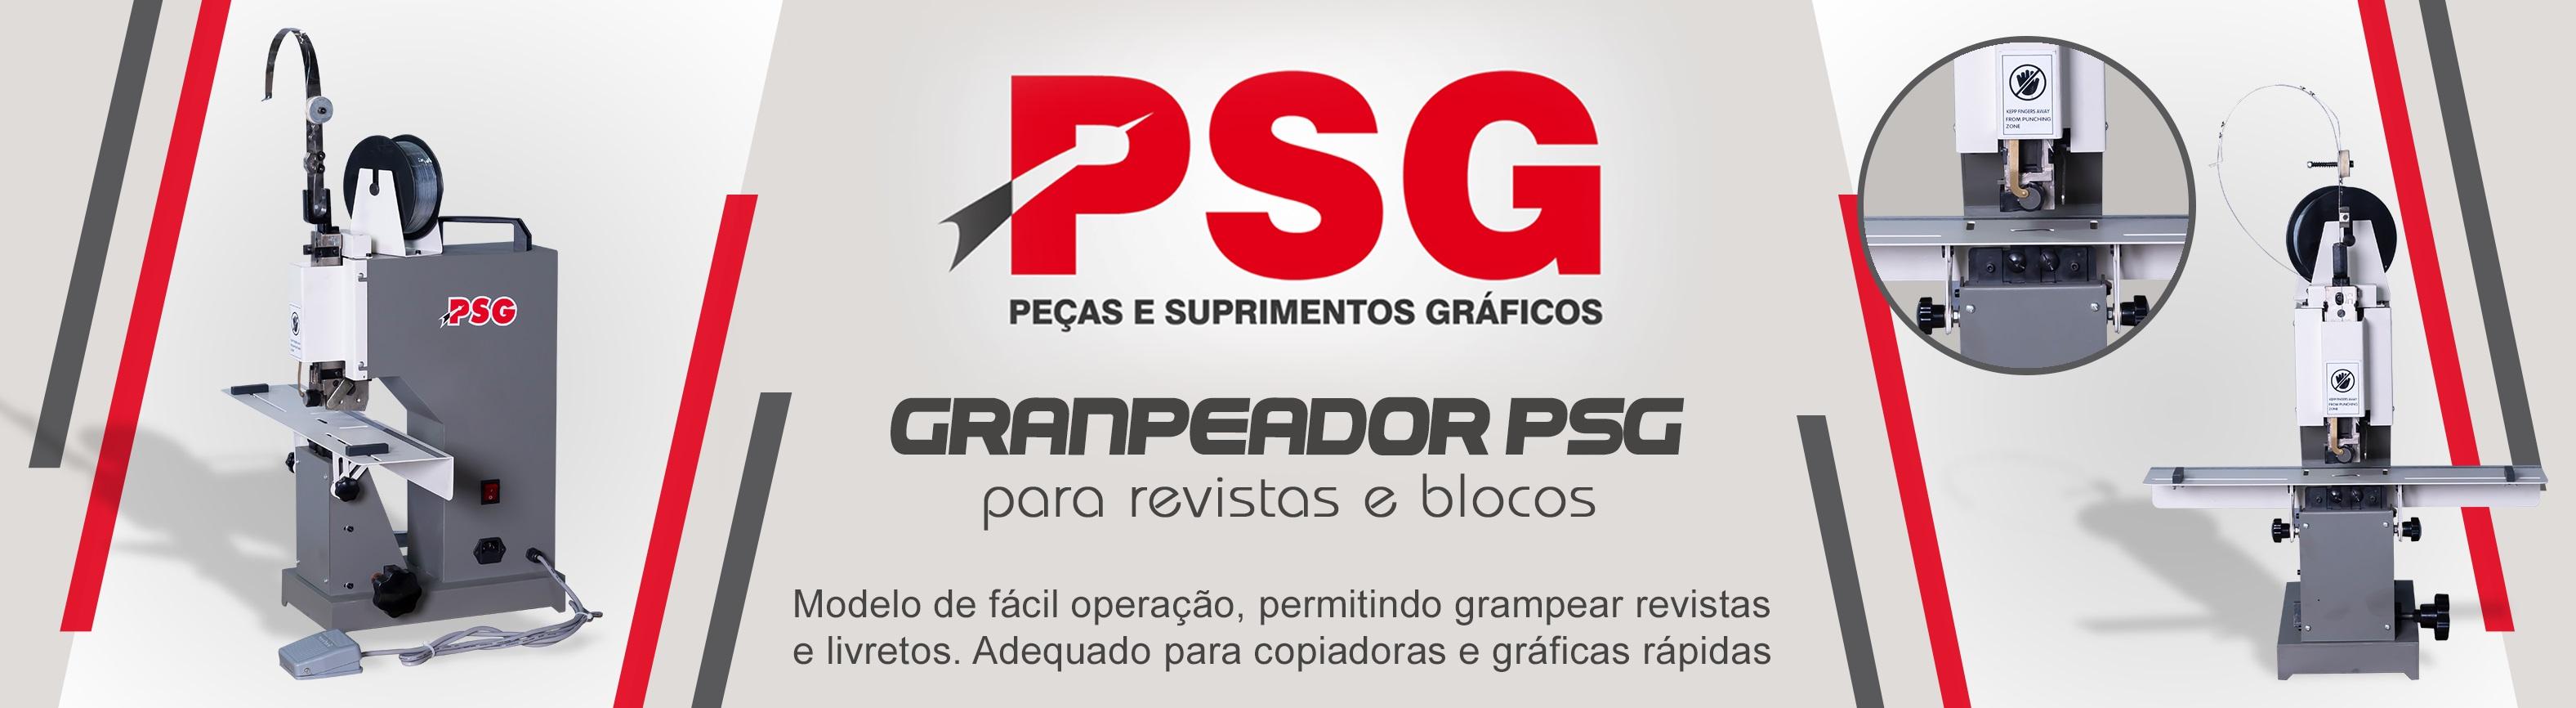 Banner Secundario 2.1